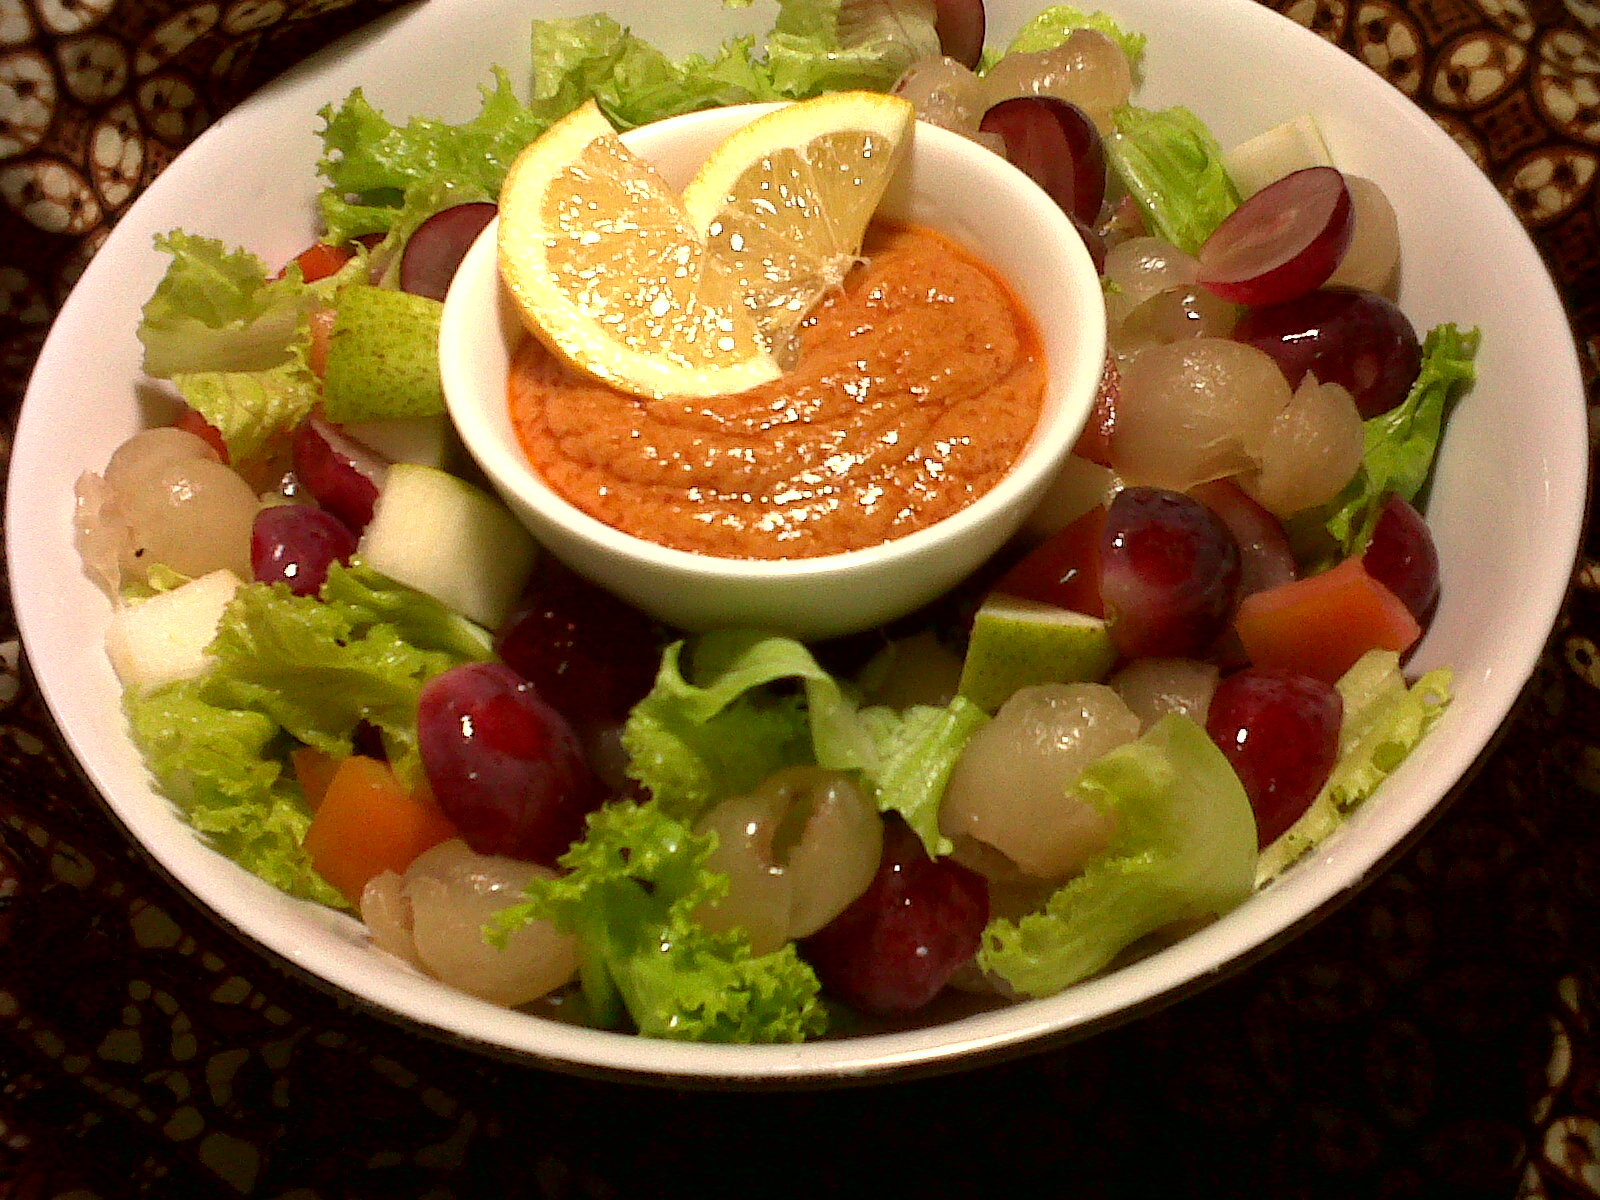 pawon ipung salad buah